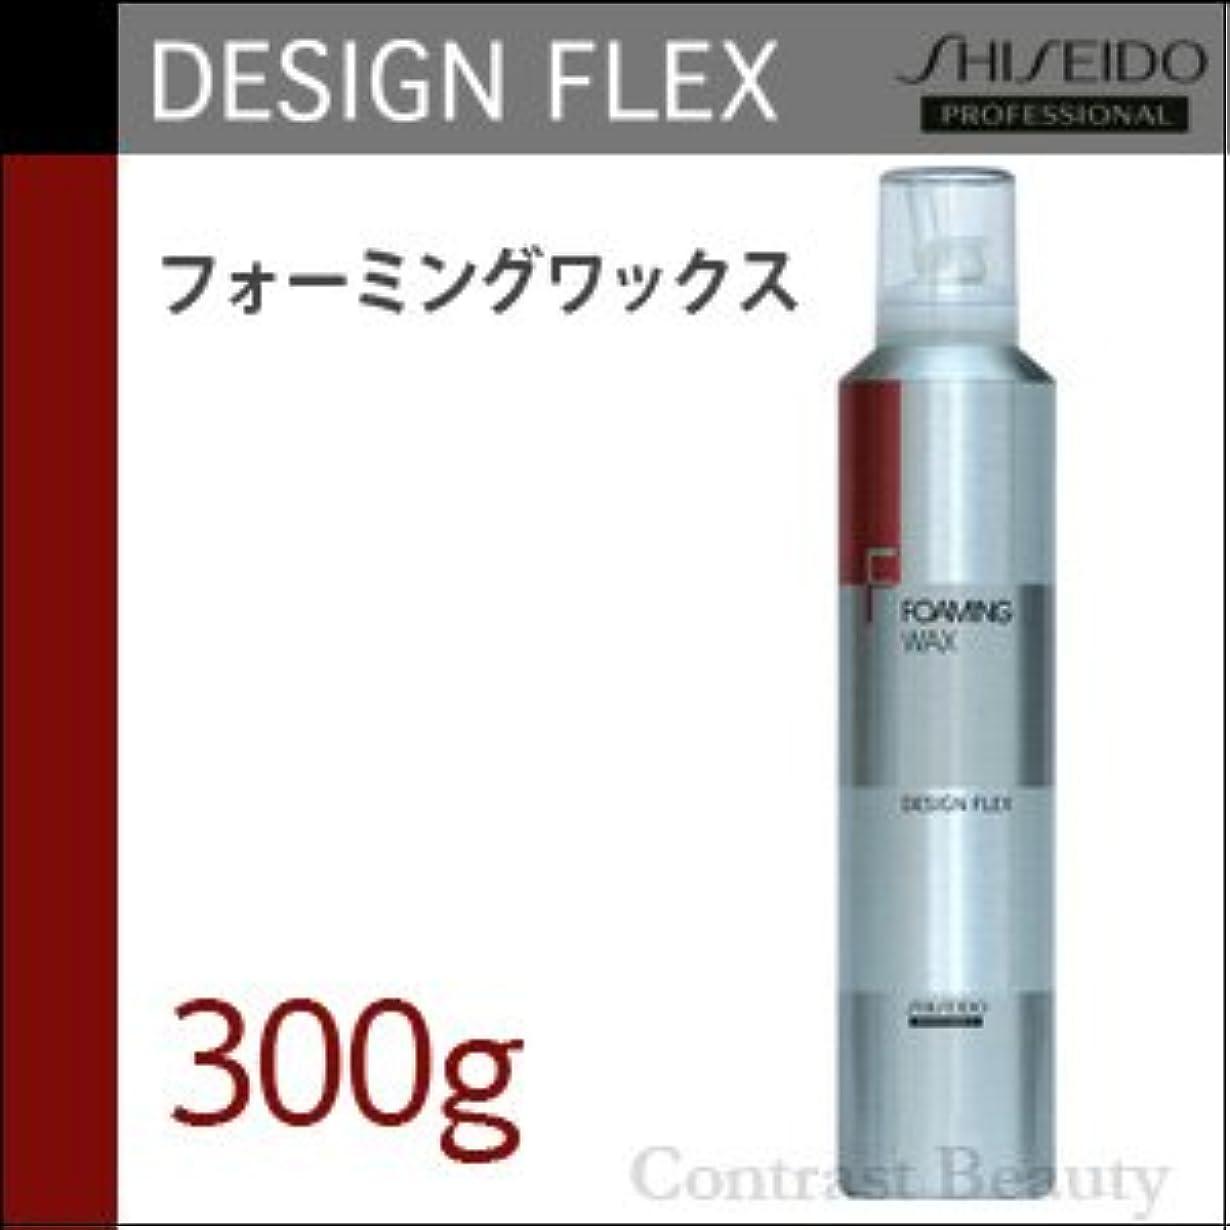 囲いこする水っぽい【x2個セット】 資生堂 デザインフレックス フォーミングワックス 300g